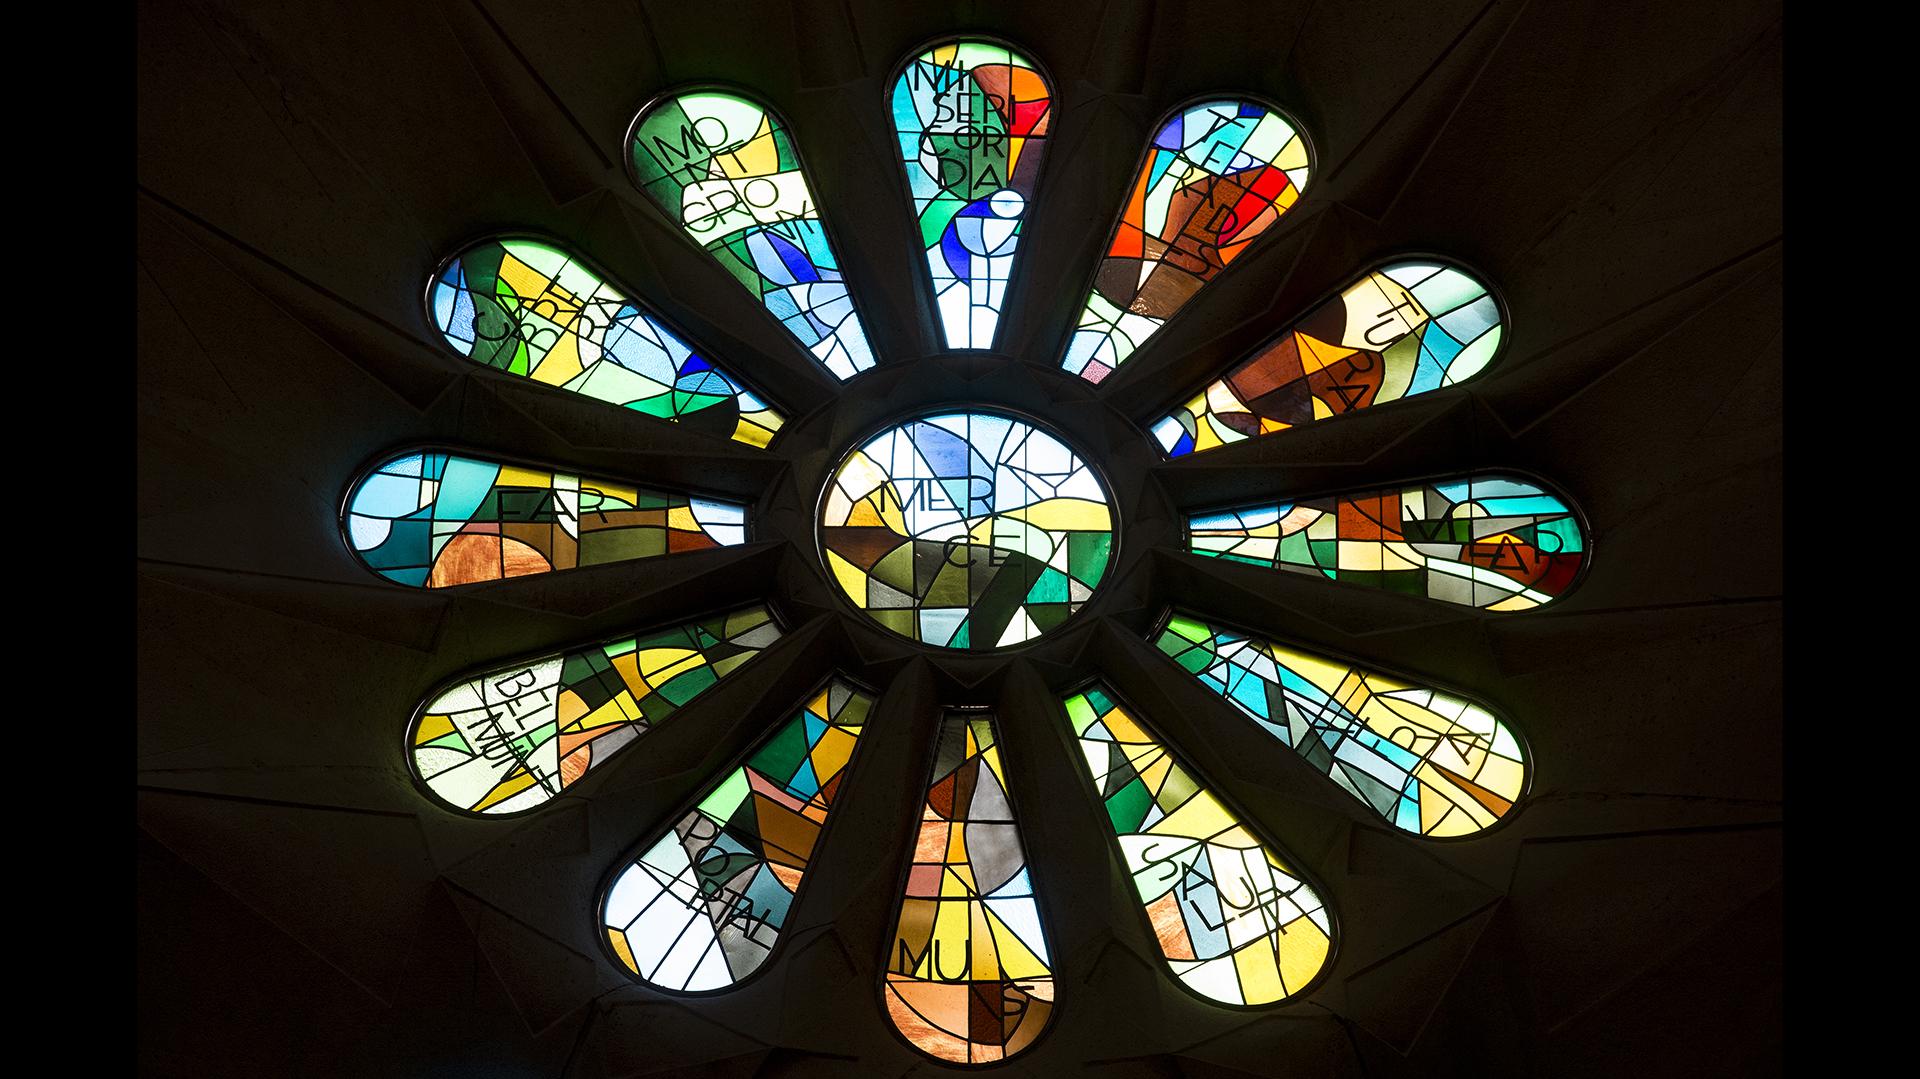 La Sagrada Familia es una obra grandiosa, compleja desde el punto de vista arquitectónico, y llena de simbología religiosa